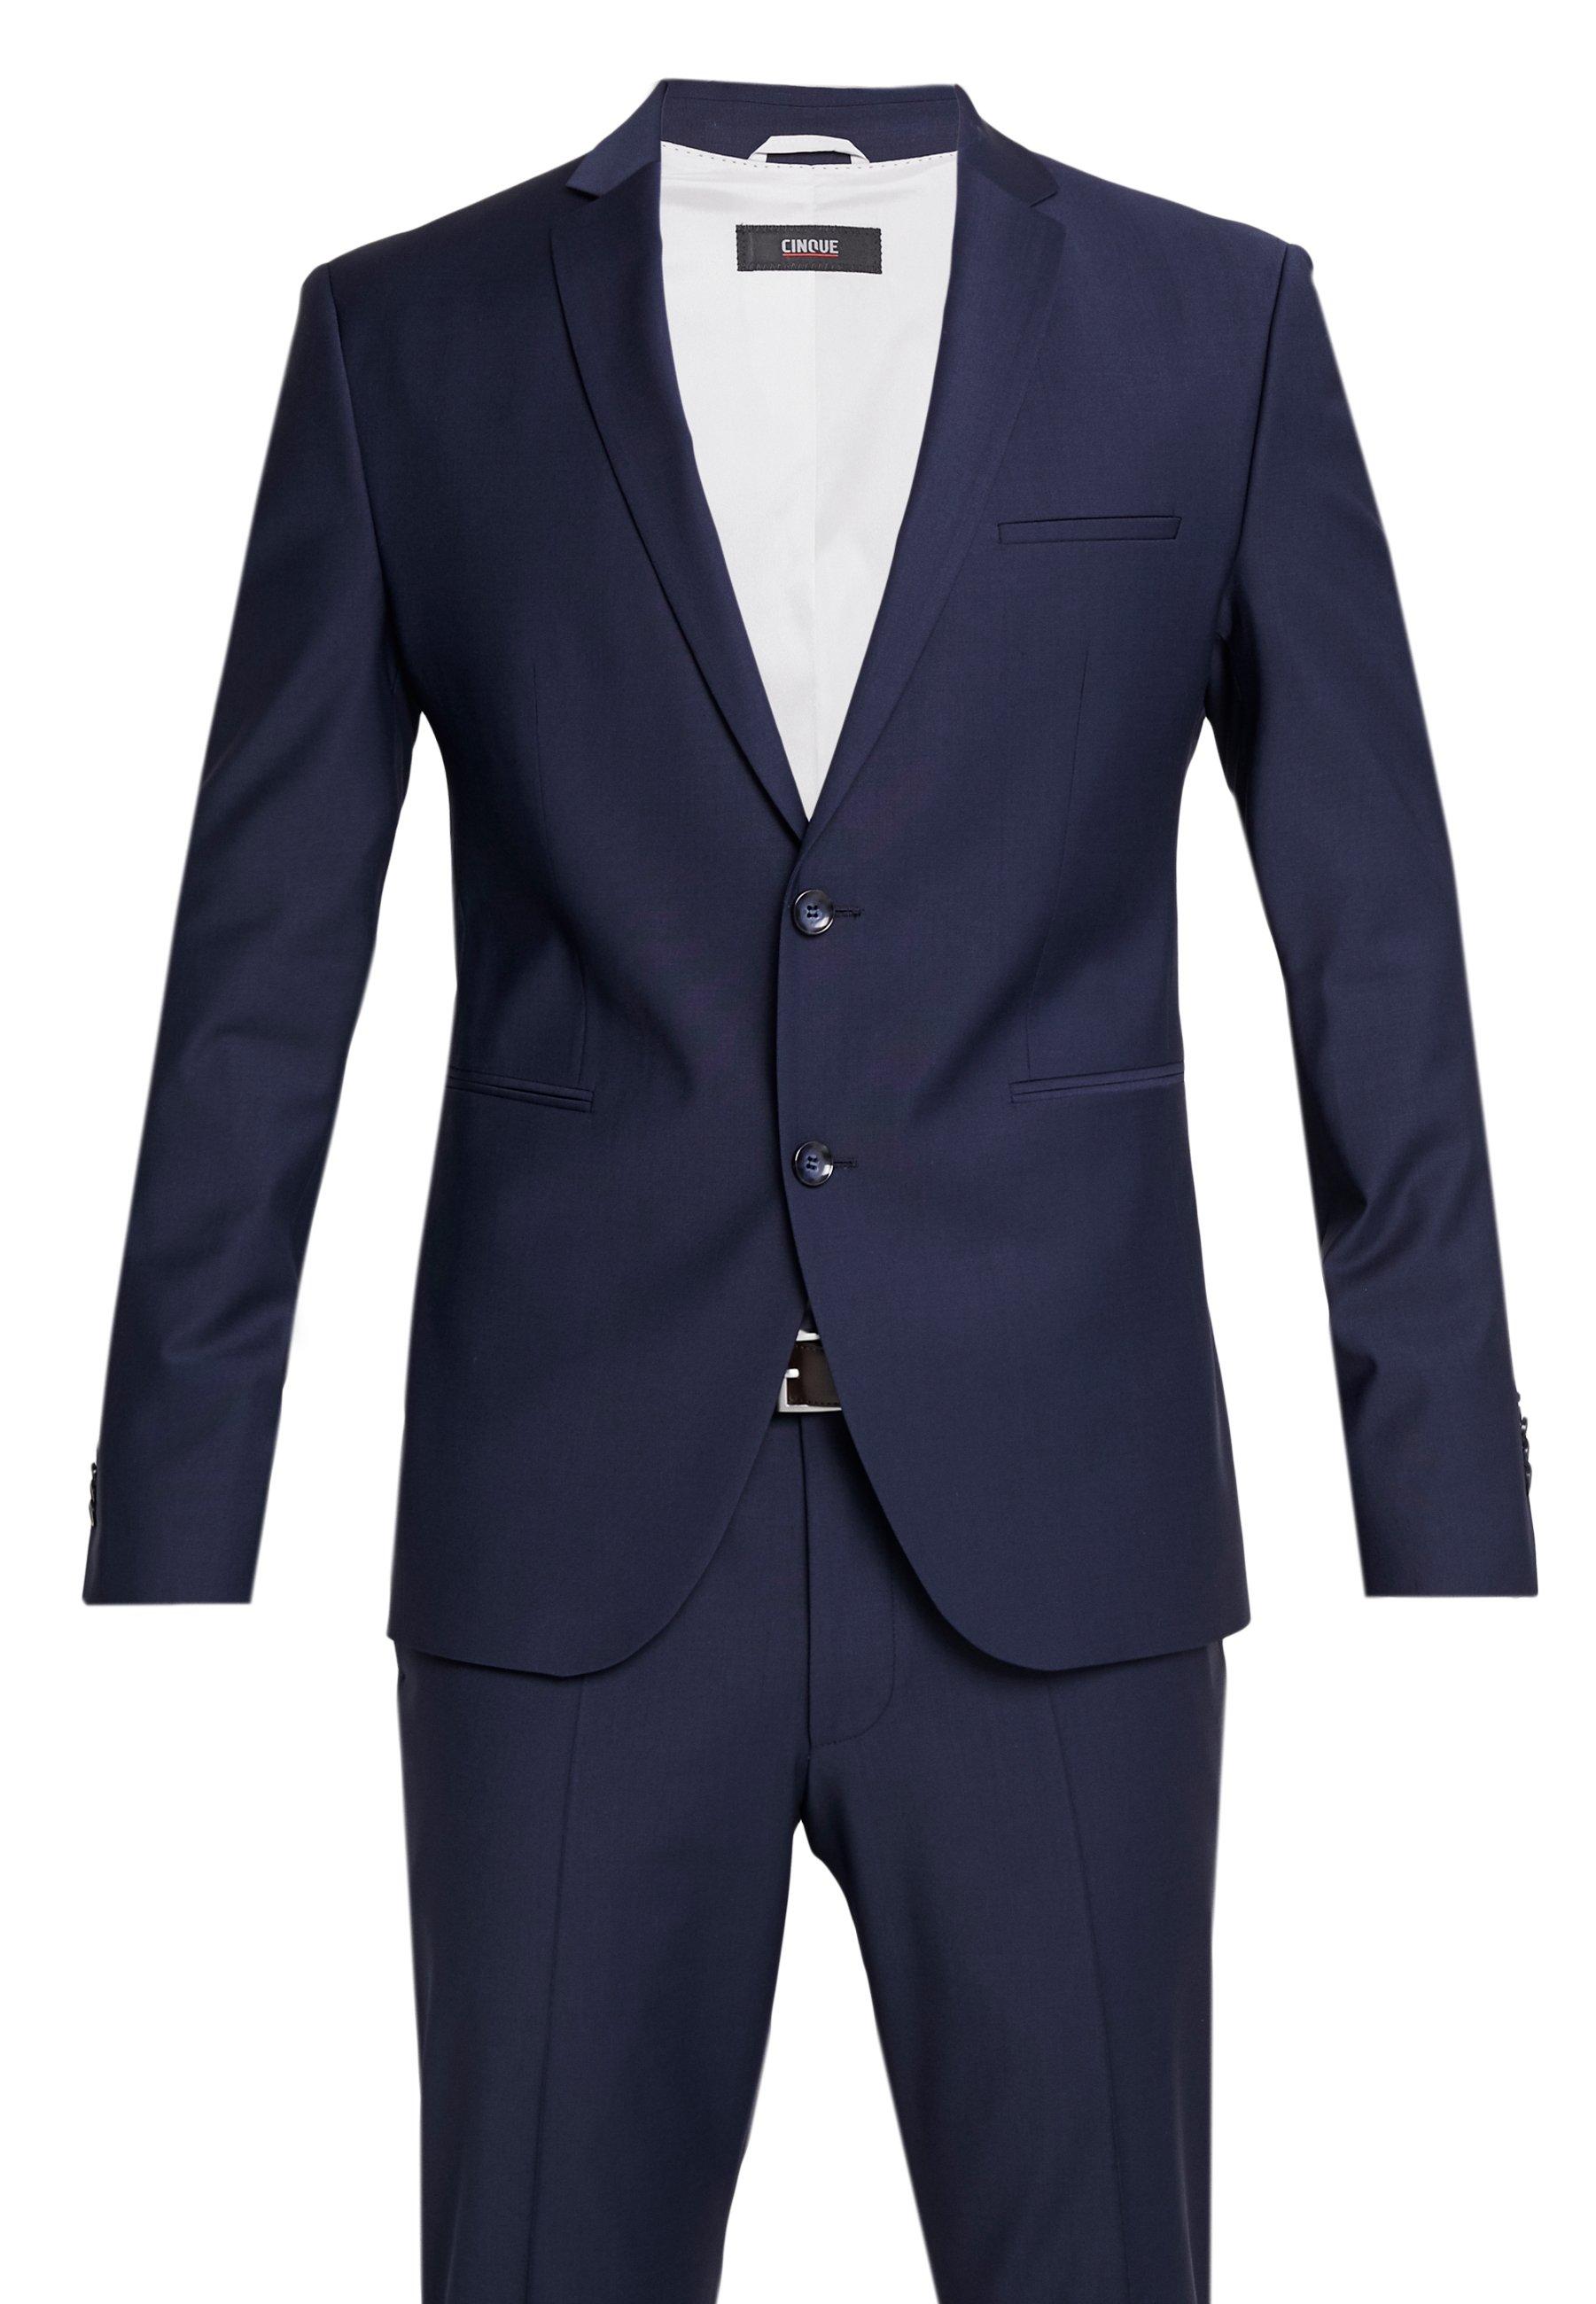 Cinque Cifaro - Suit Navy